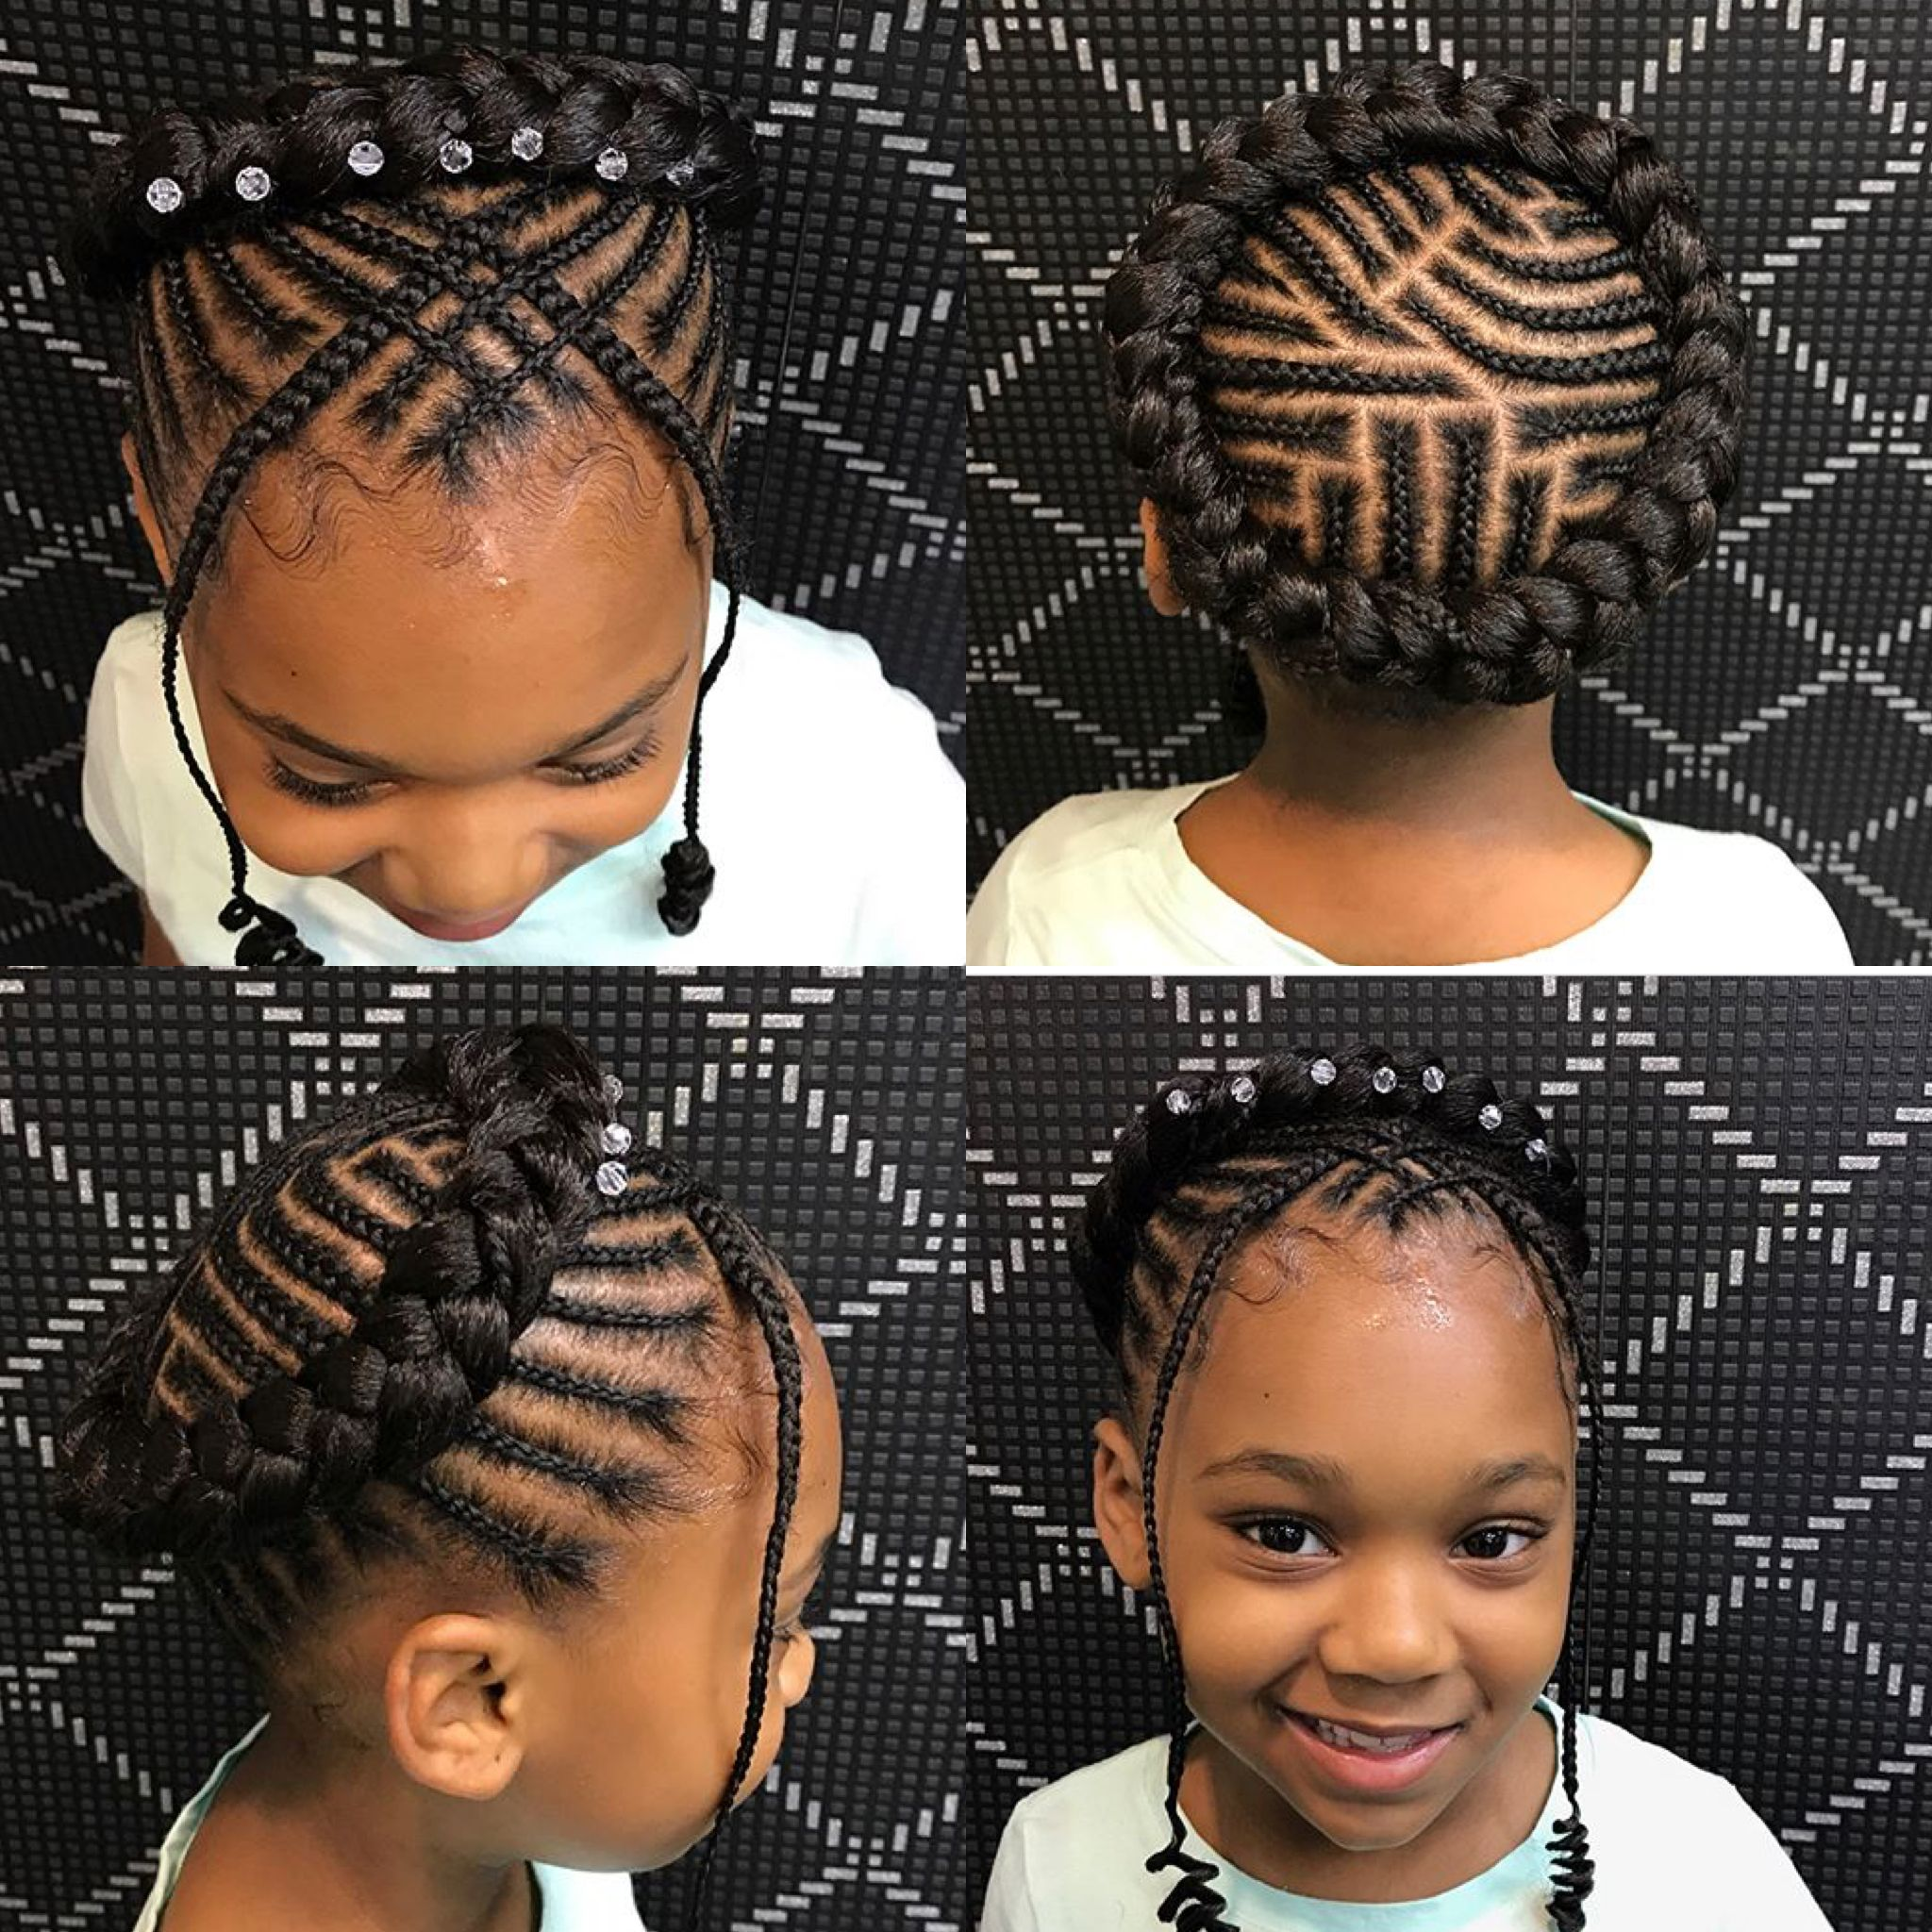 halobraids #extensions #kidshair #braidstyles | kids hair